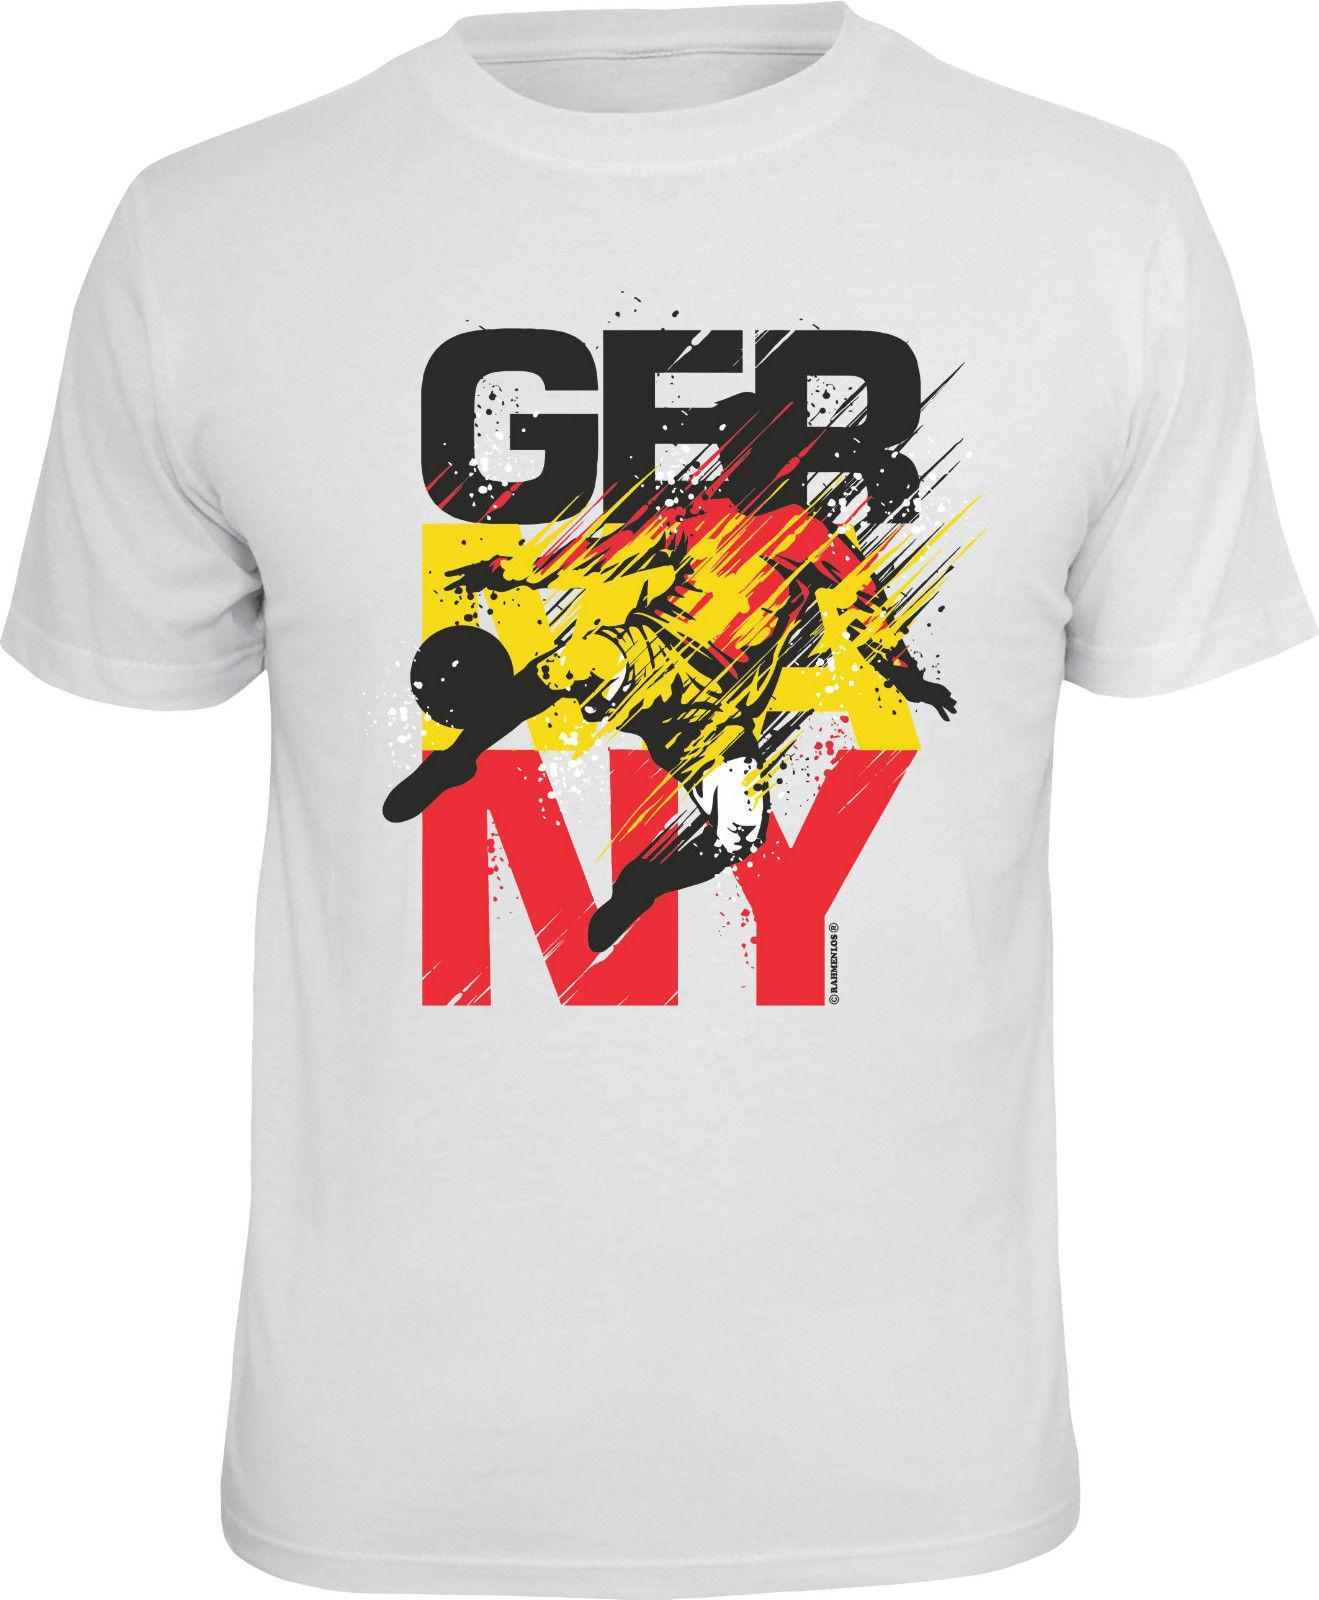 huge discount dcb27 1cec2 Fussball T-Shirt Germany Schwarz Rot Gold Trikot Shirt Geschenk geil  bedruckt